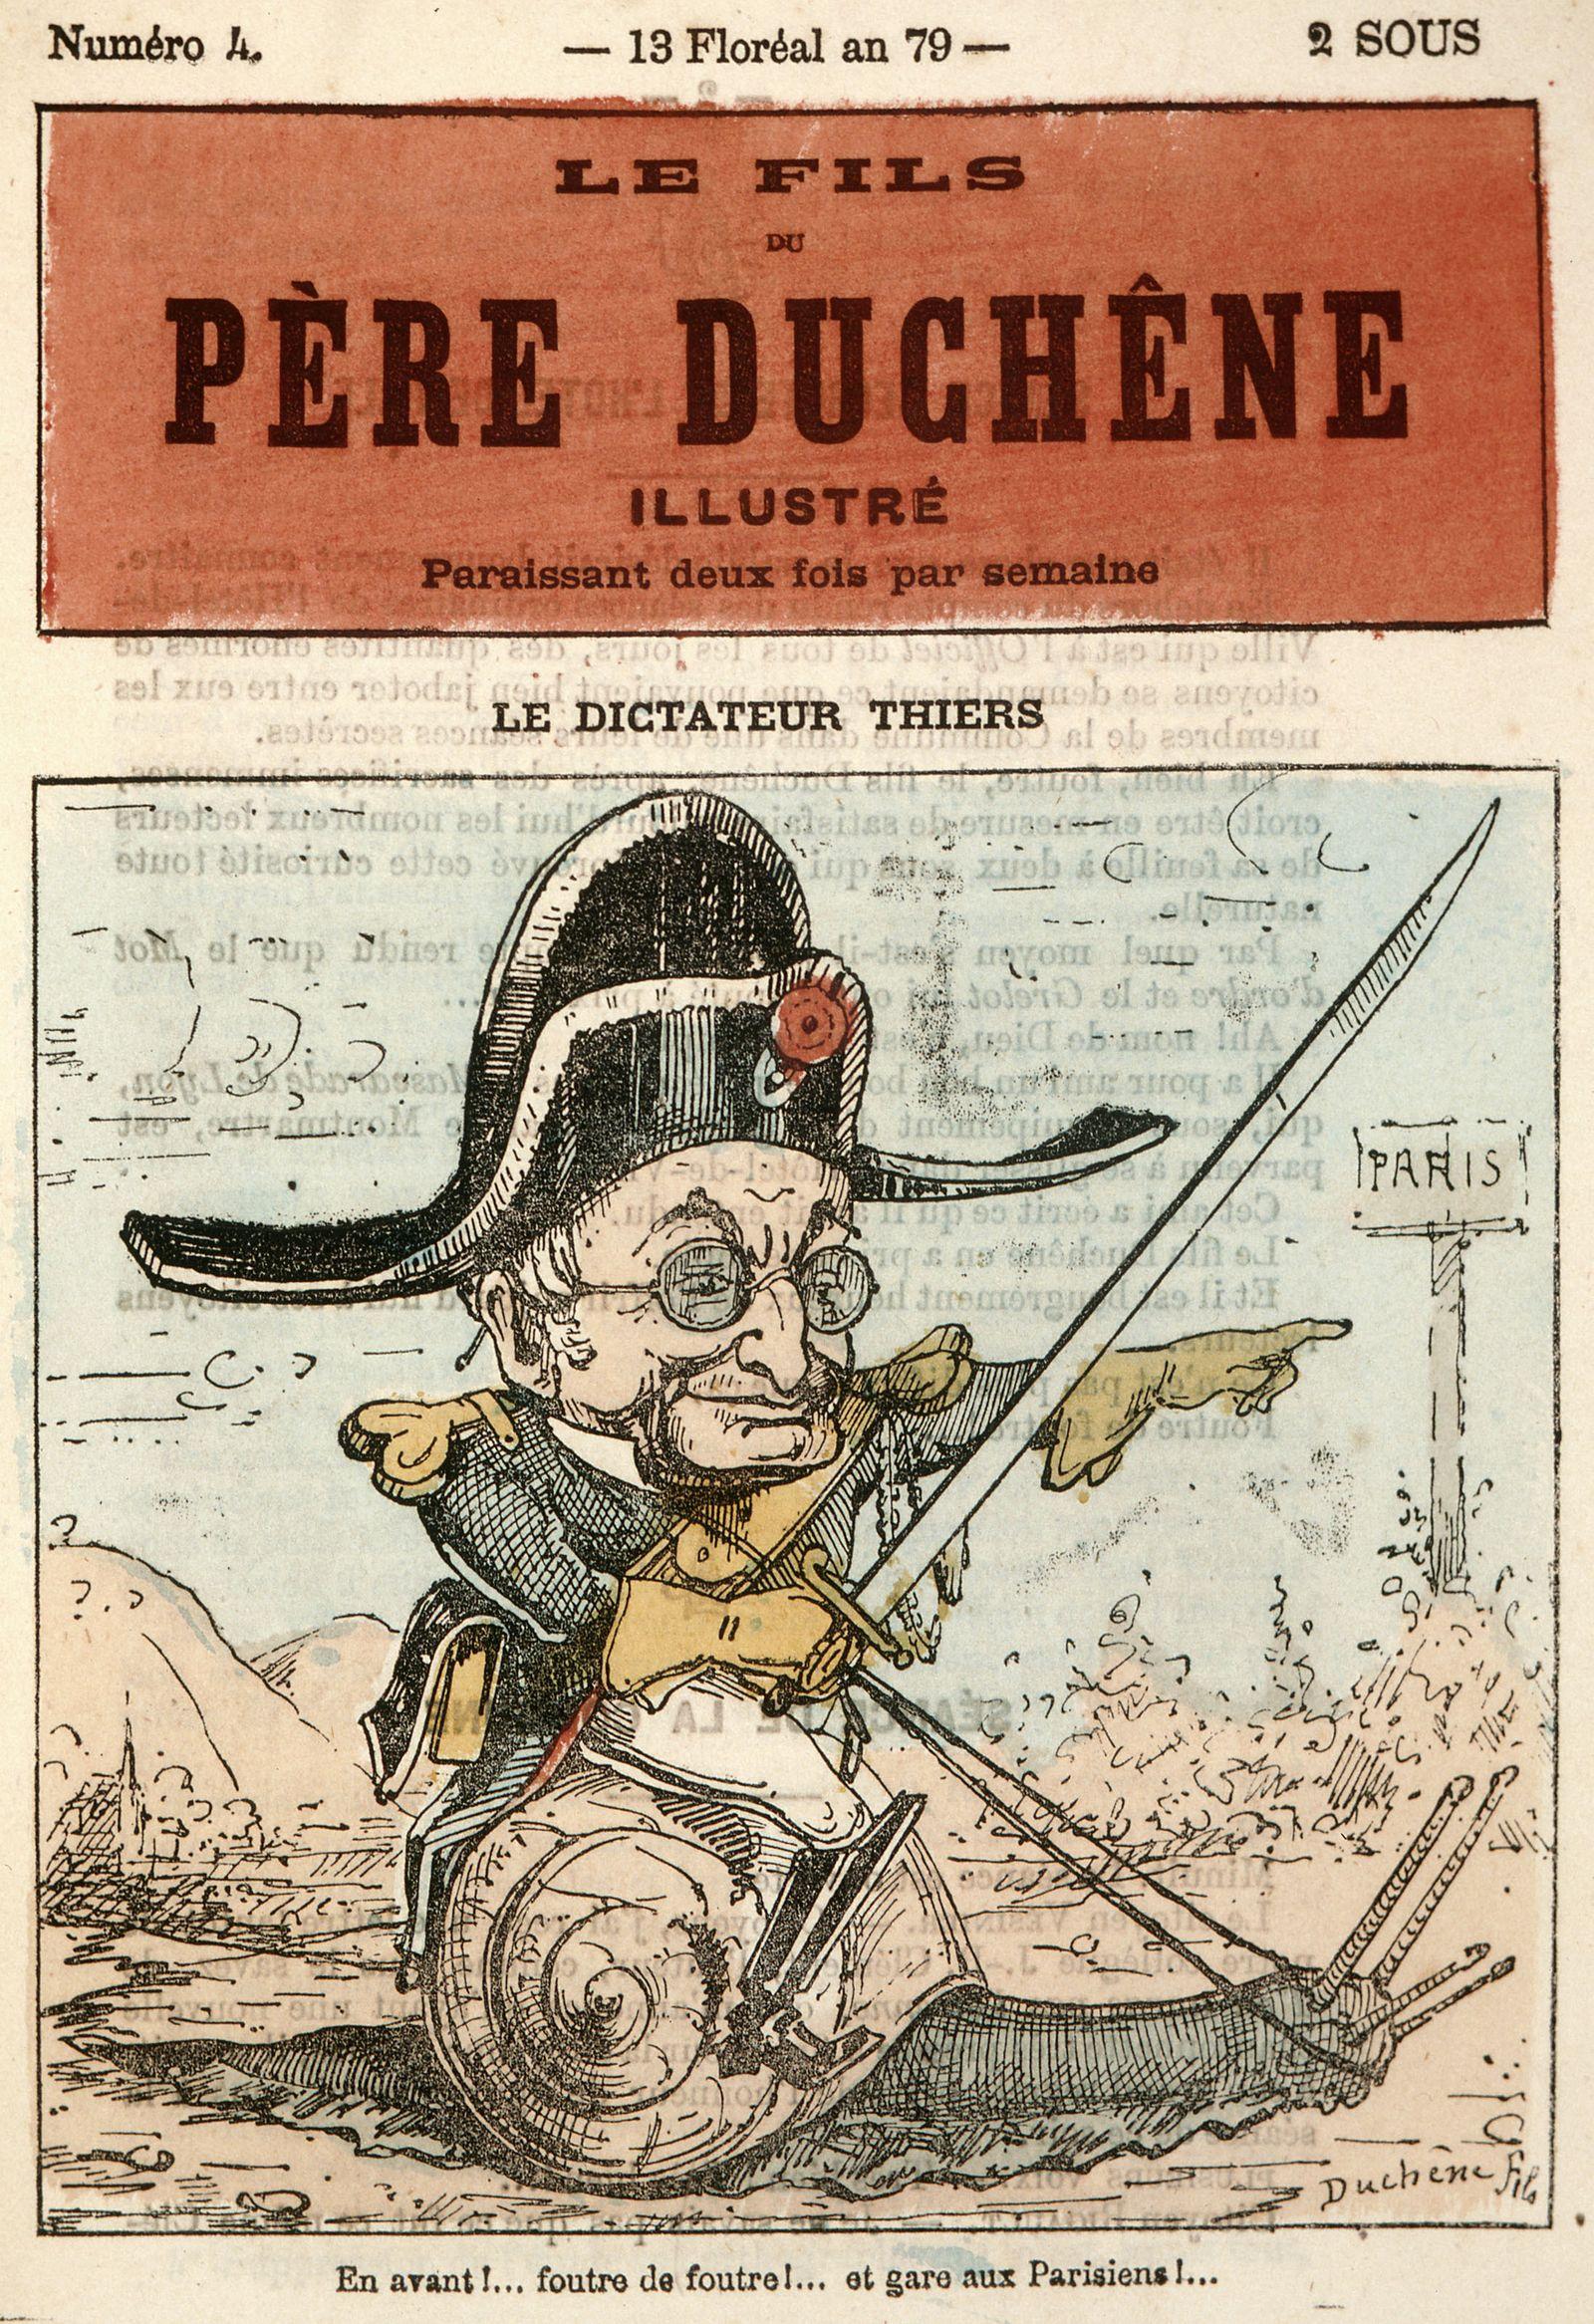 Commune Le dictateur THIERS : En avant ! Foutre de foutre ! Et gare aux parisiens : il charge, monte sur un escargot. Il